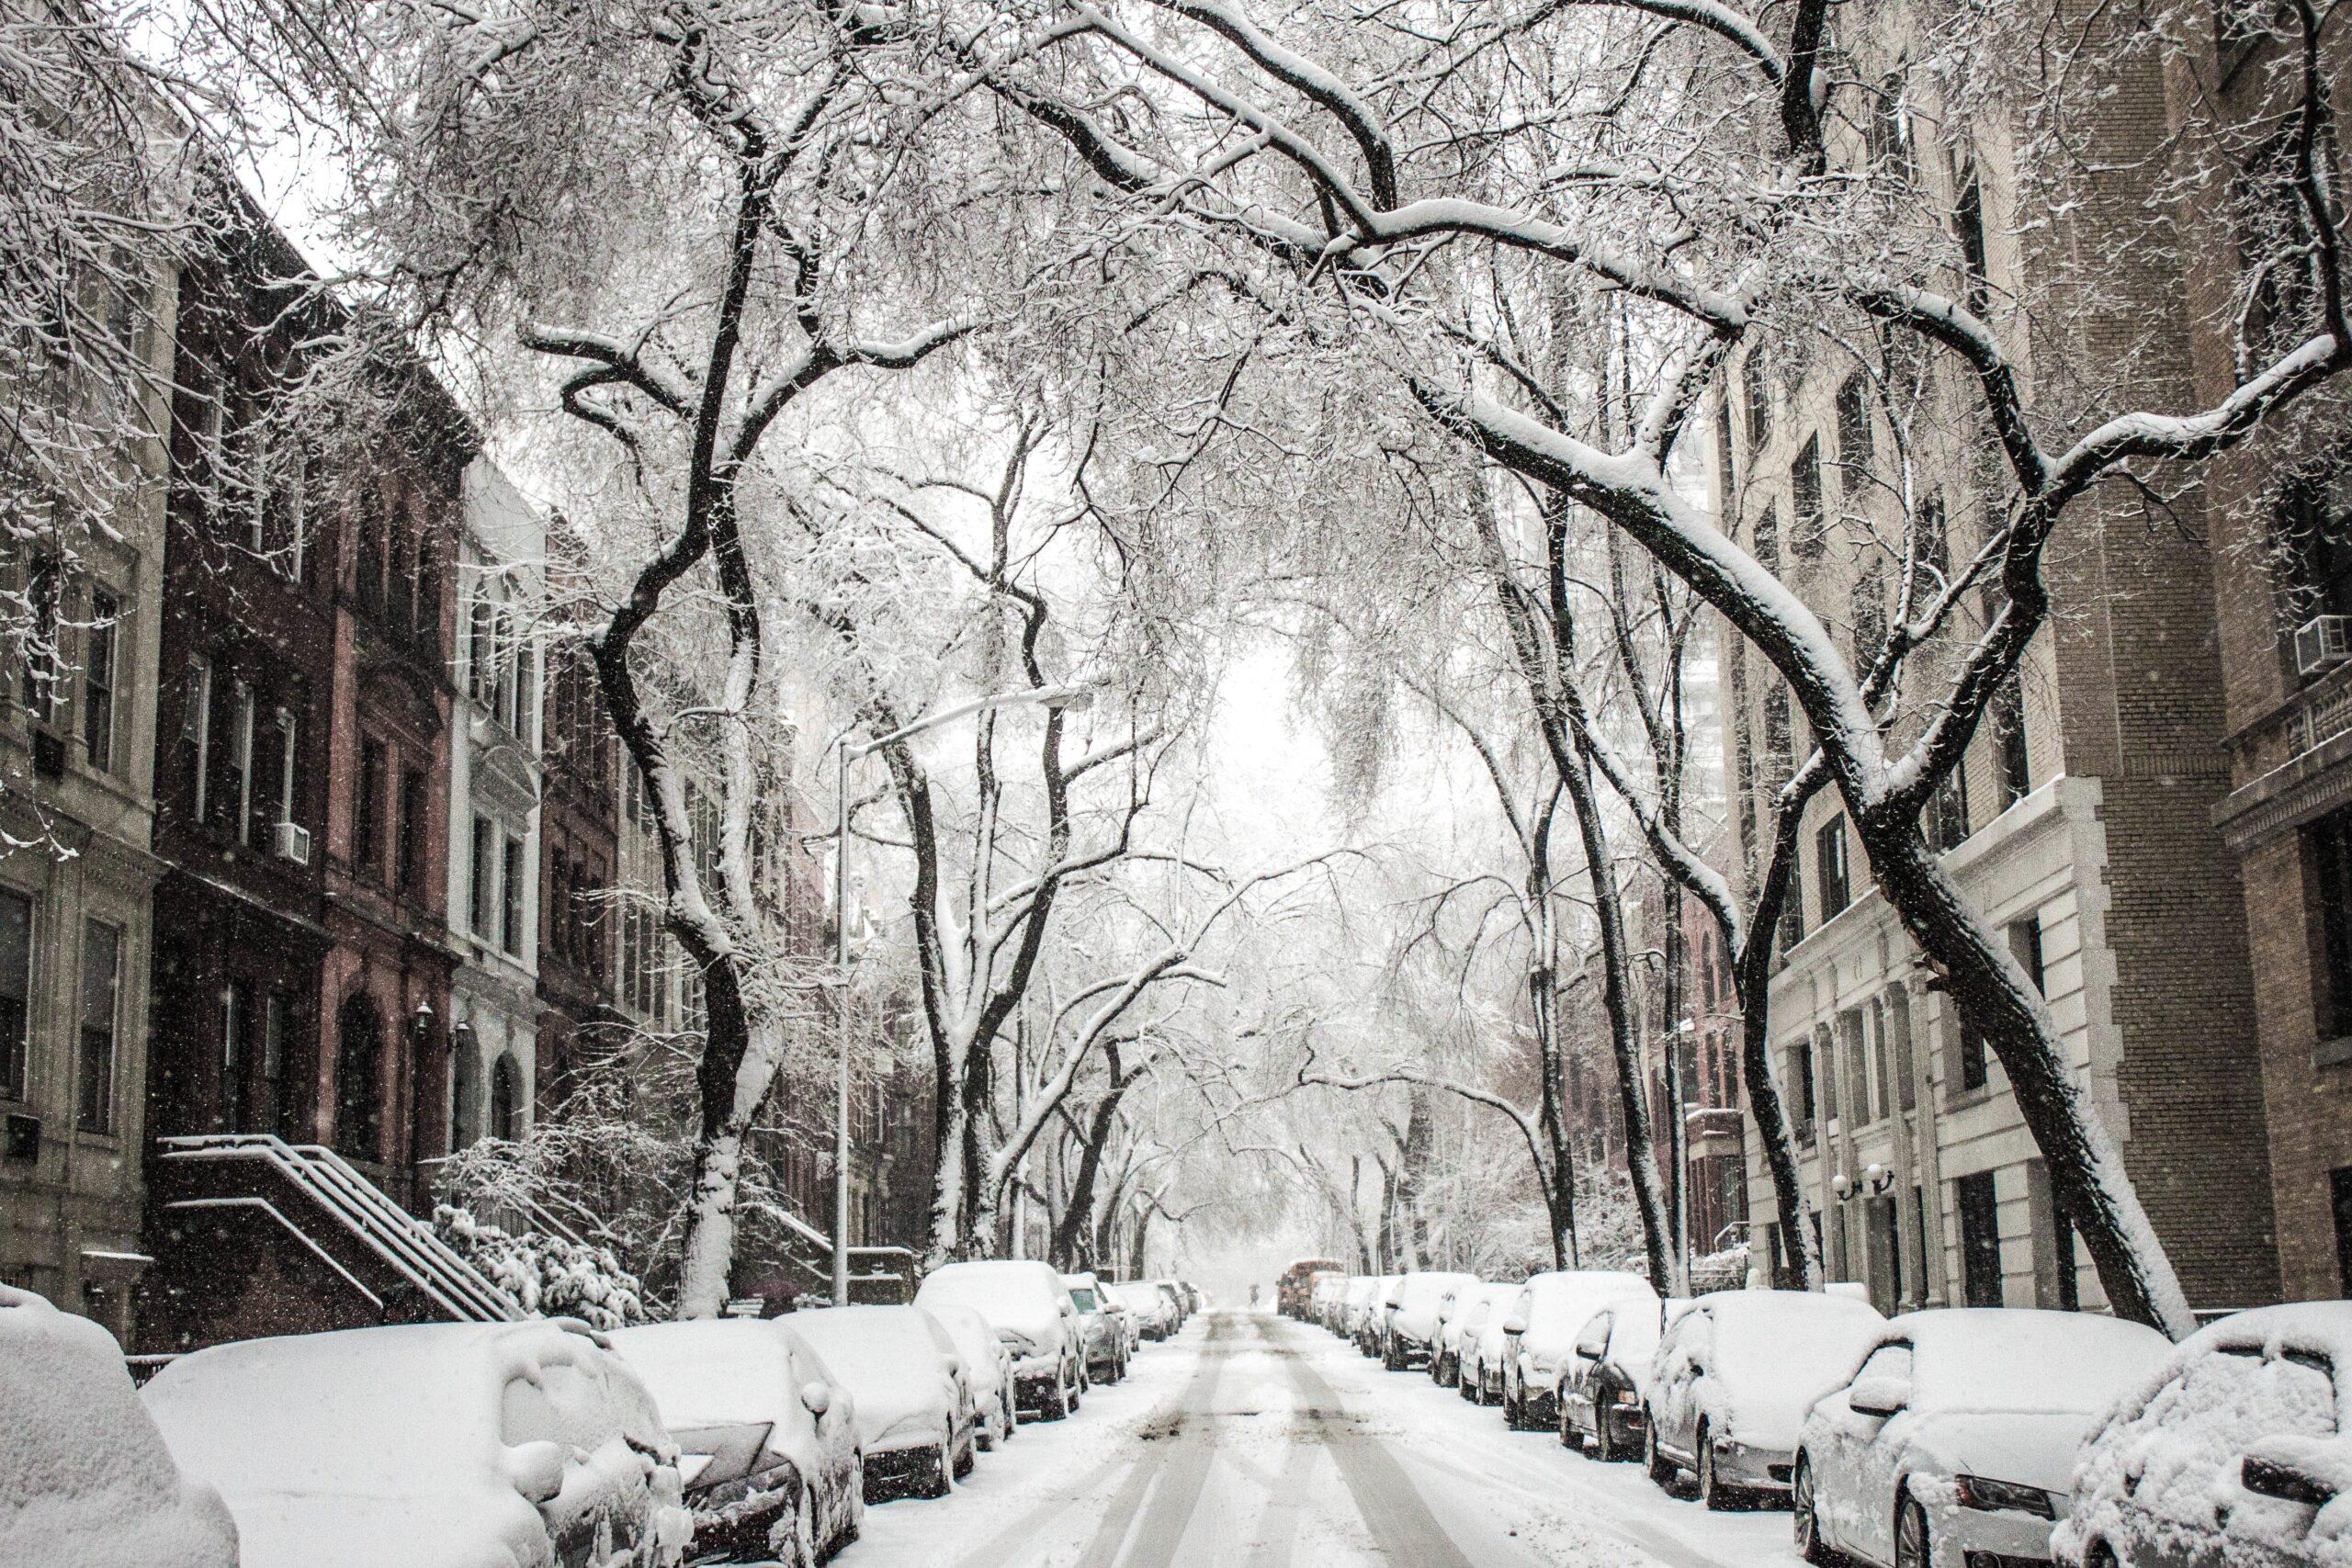 Advarsel: 5 ting som skjer med bilen når den står utendørs om vinteren